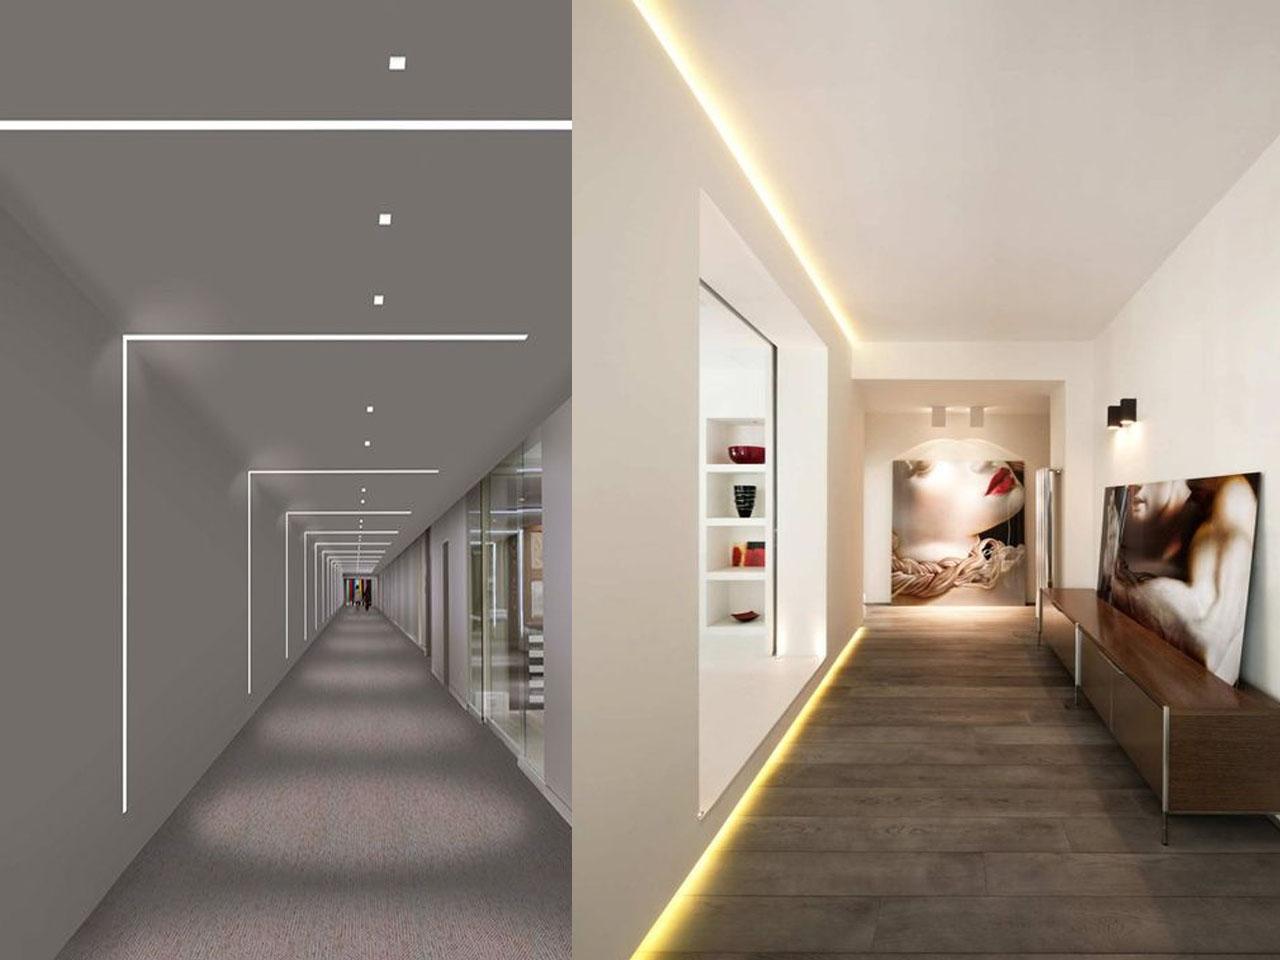 Descubre la decoraci n con luces led y todas sus ventajas - Decoracion de paredes de pasillos ...